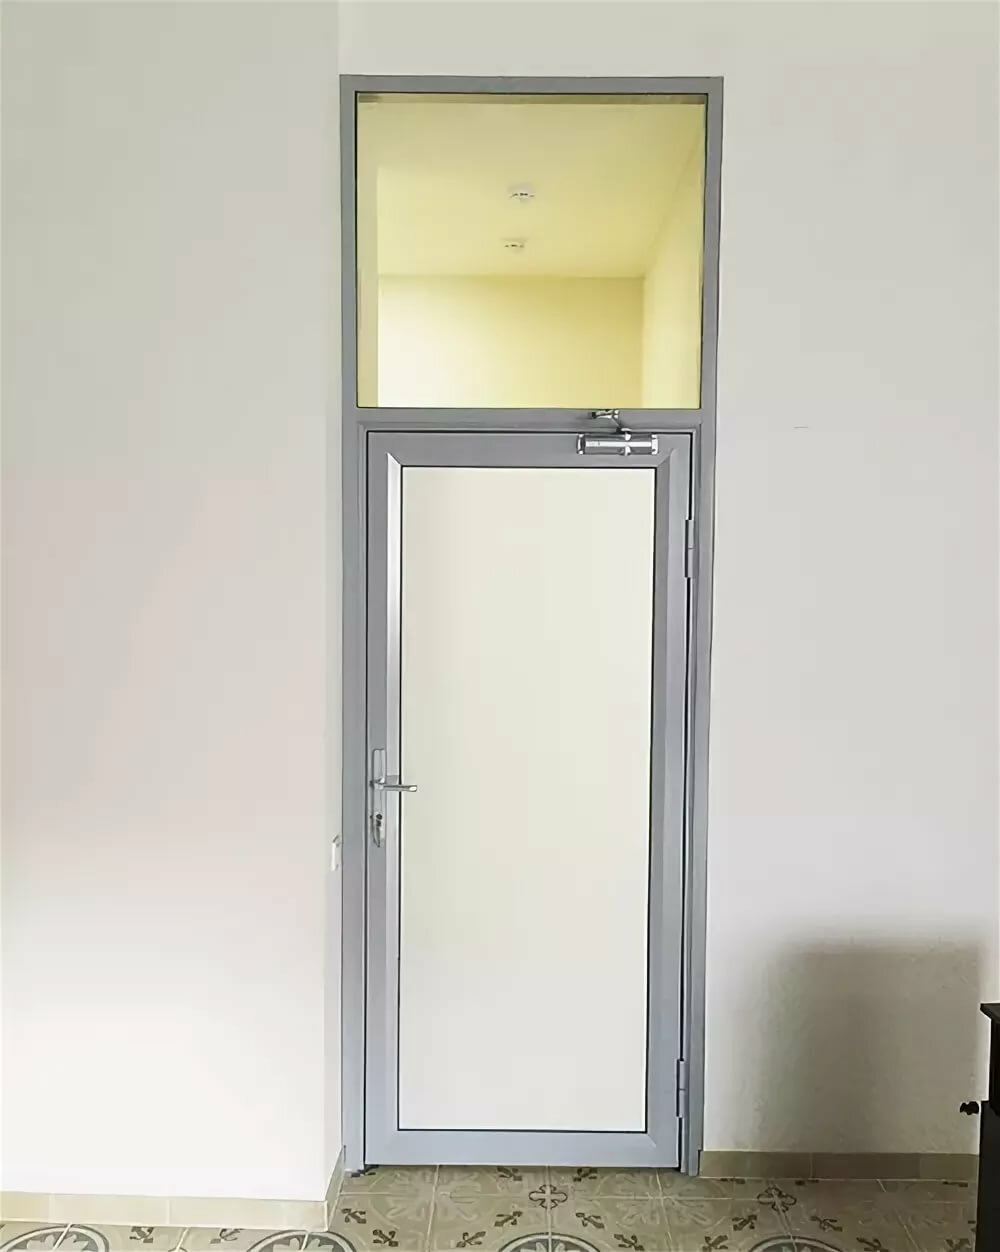 нарисовать входная пластиковая дверь с матовым стеклом фото котором девушка отвечает